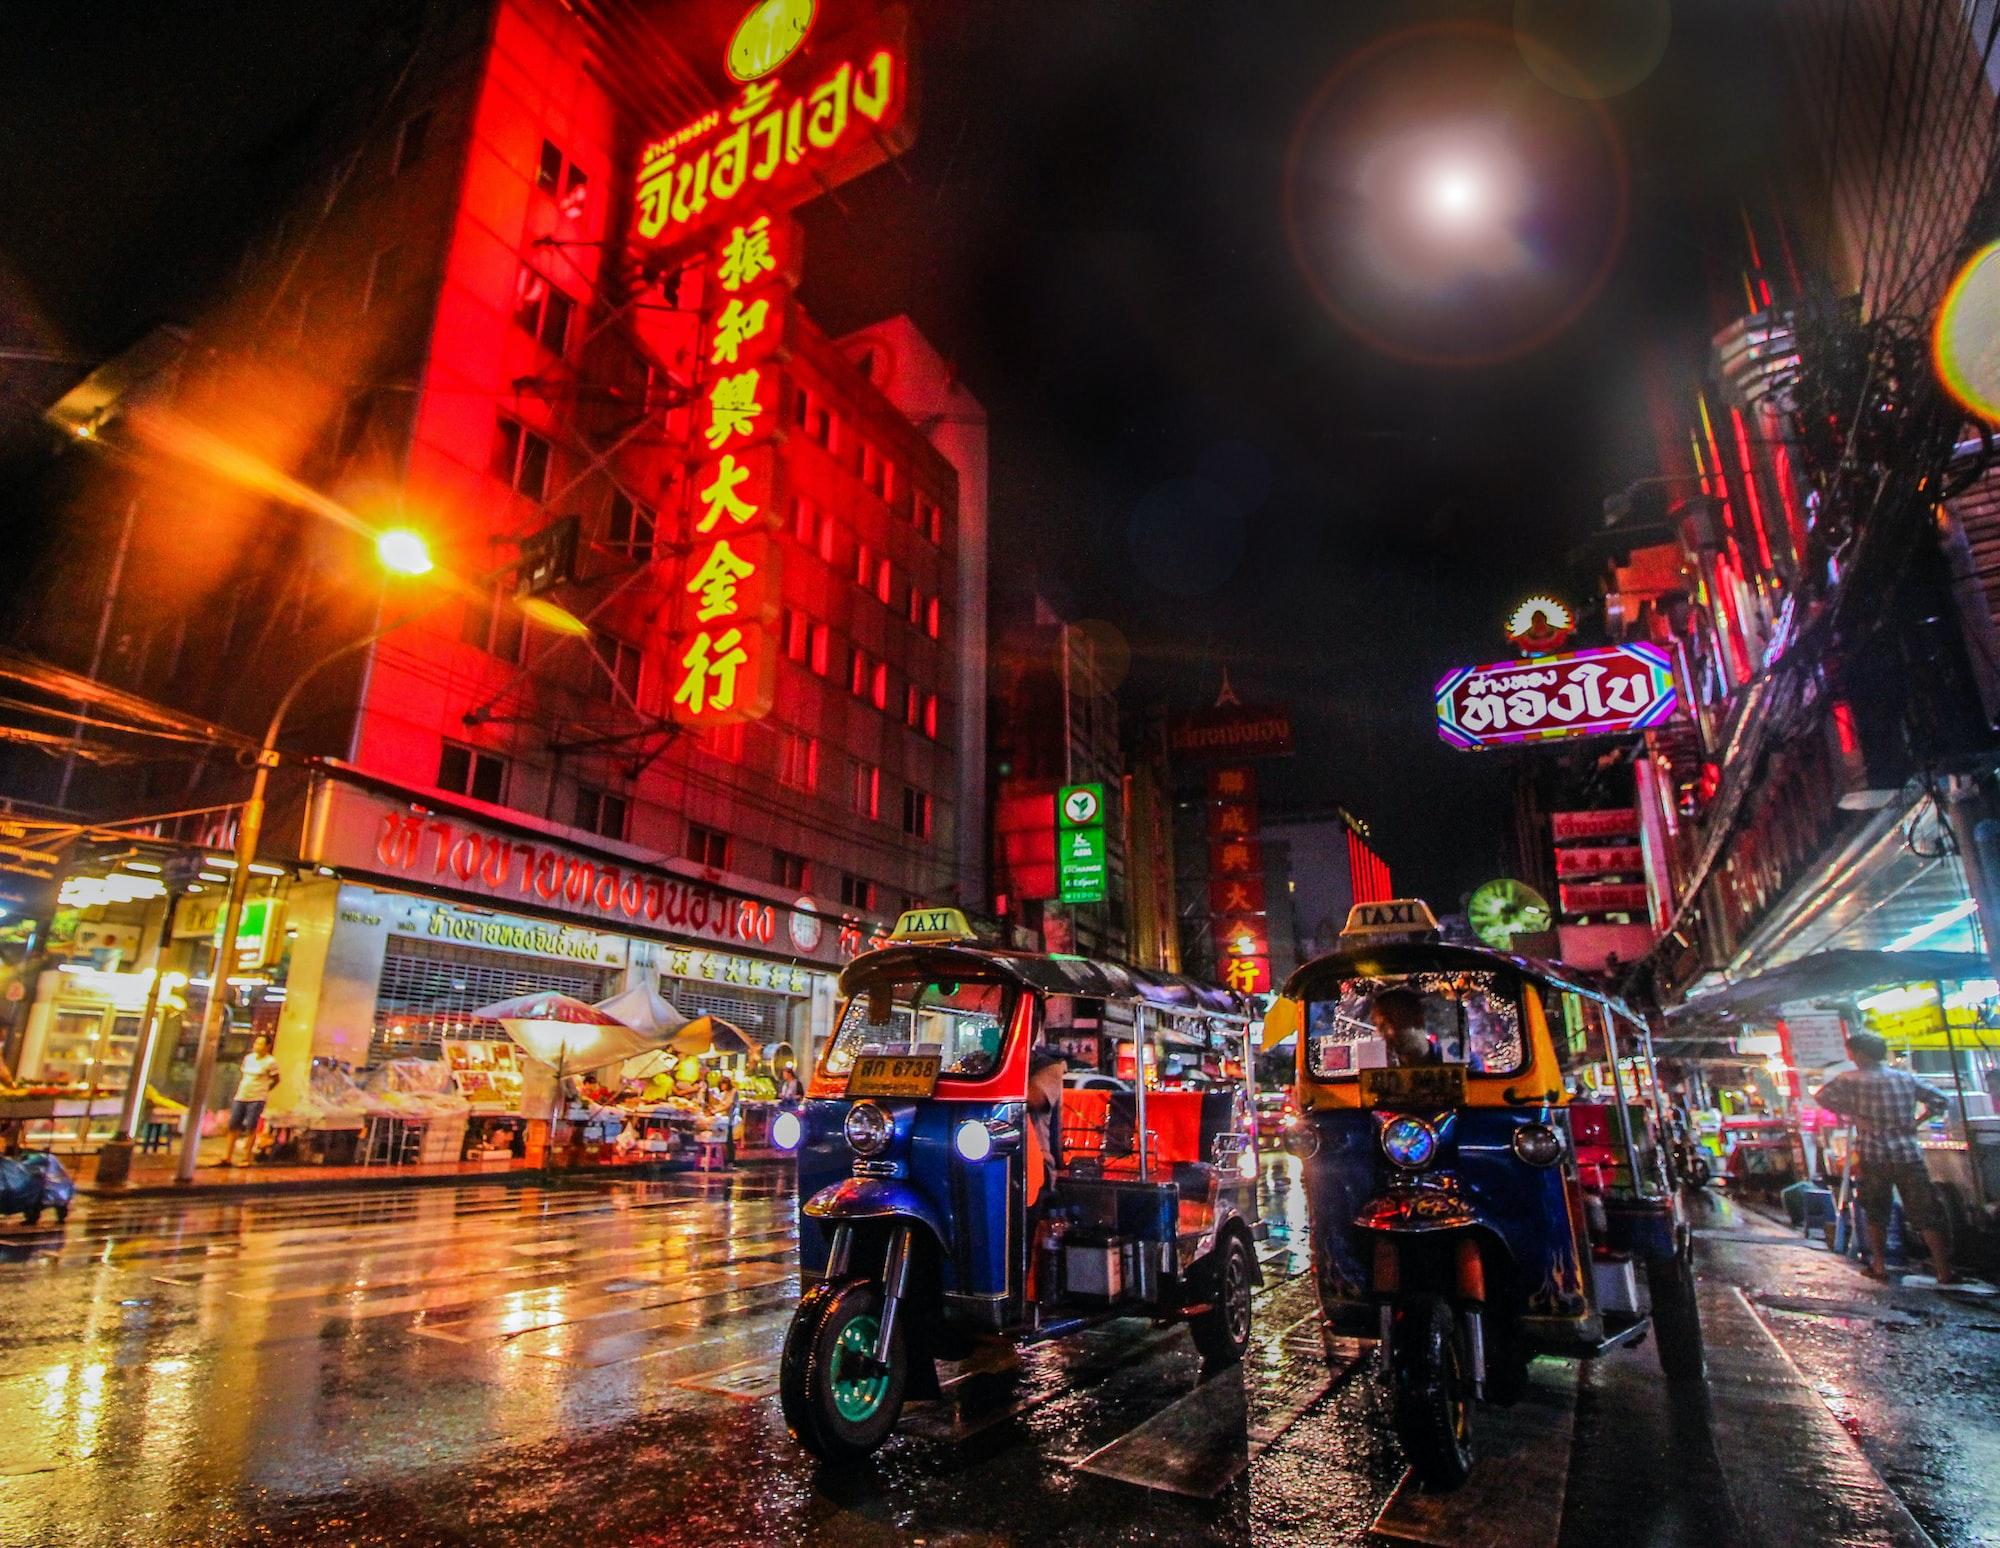 View of tuk-tuks in Bangkok's Chinatown